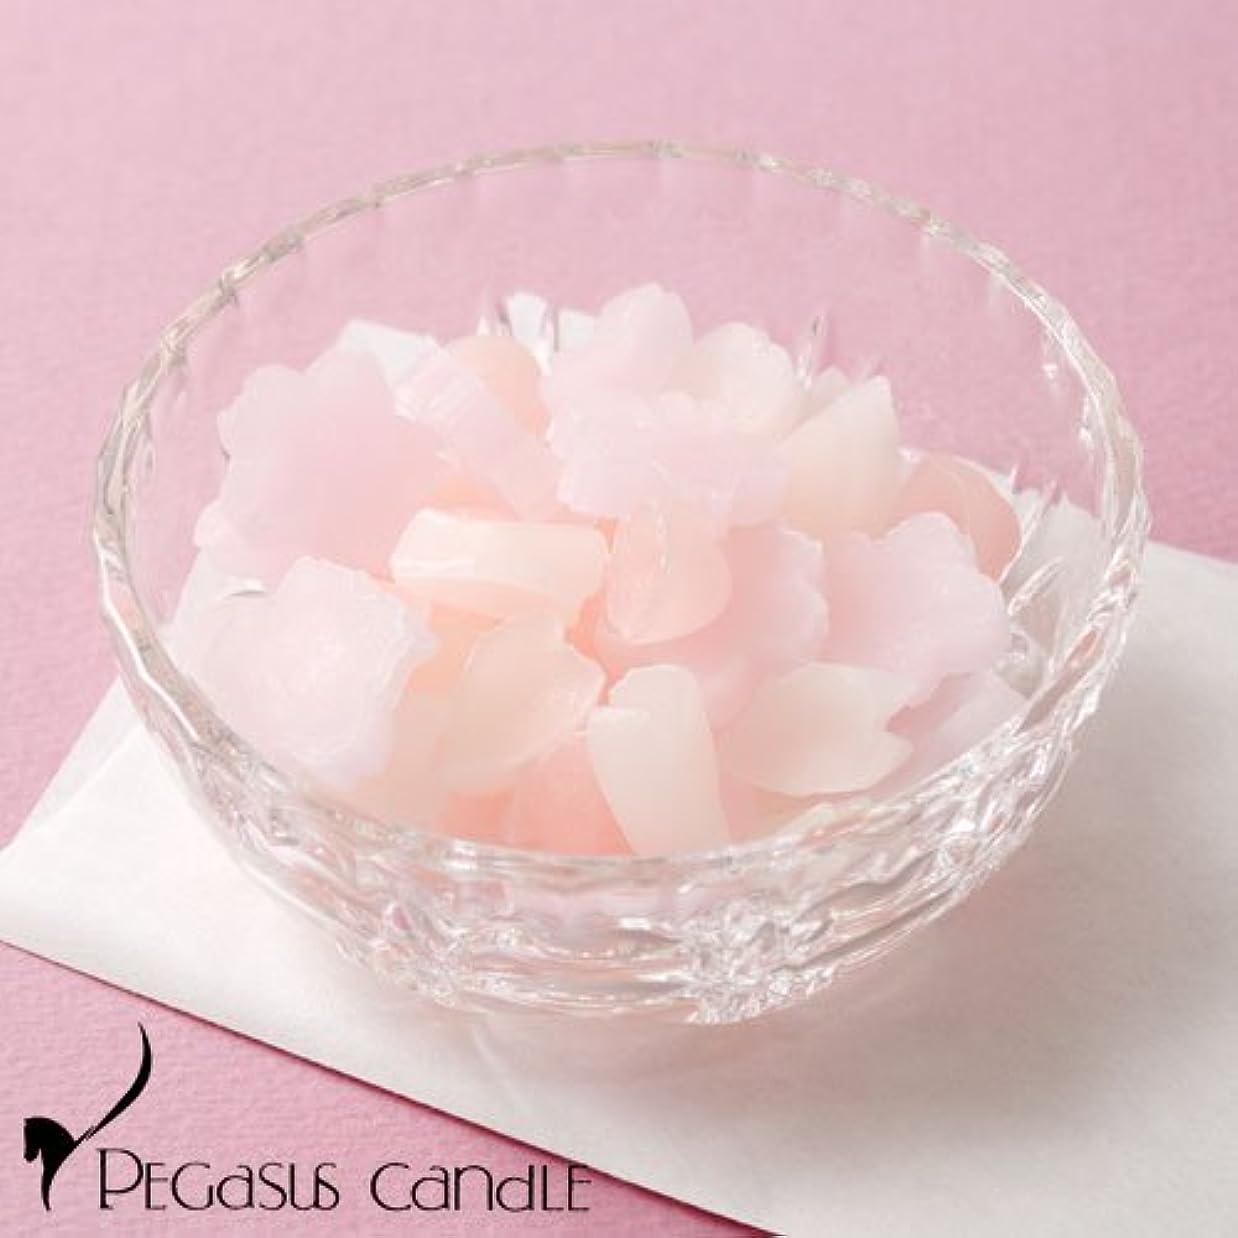 ビバ奨励します茎さくらのかおりガラス器付きの桜の芳香剤ペガサスキャンドルSakura fragrance